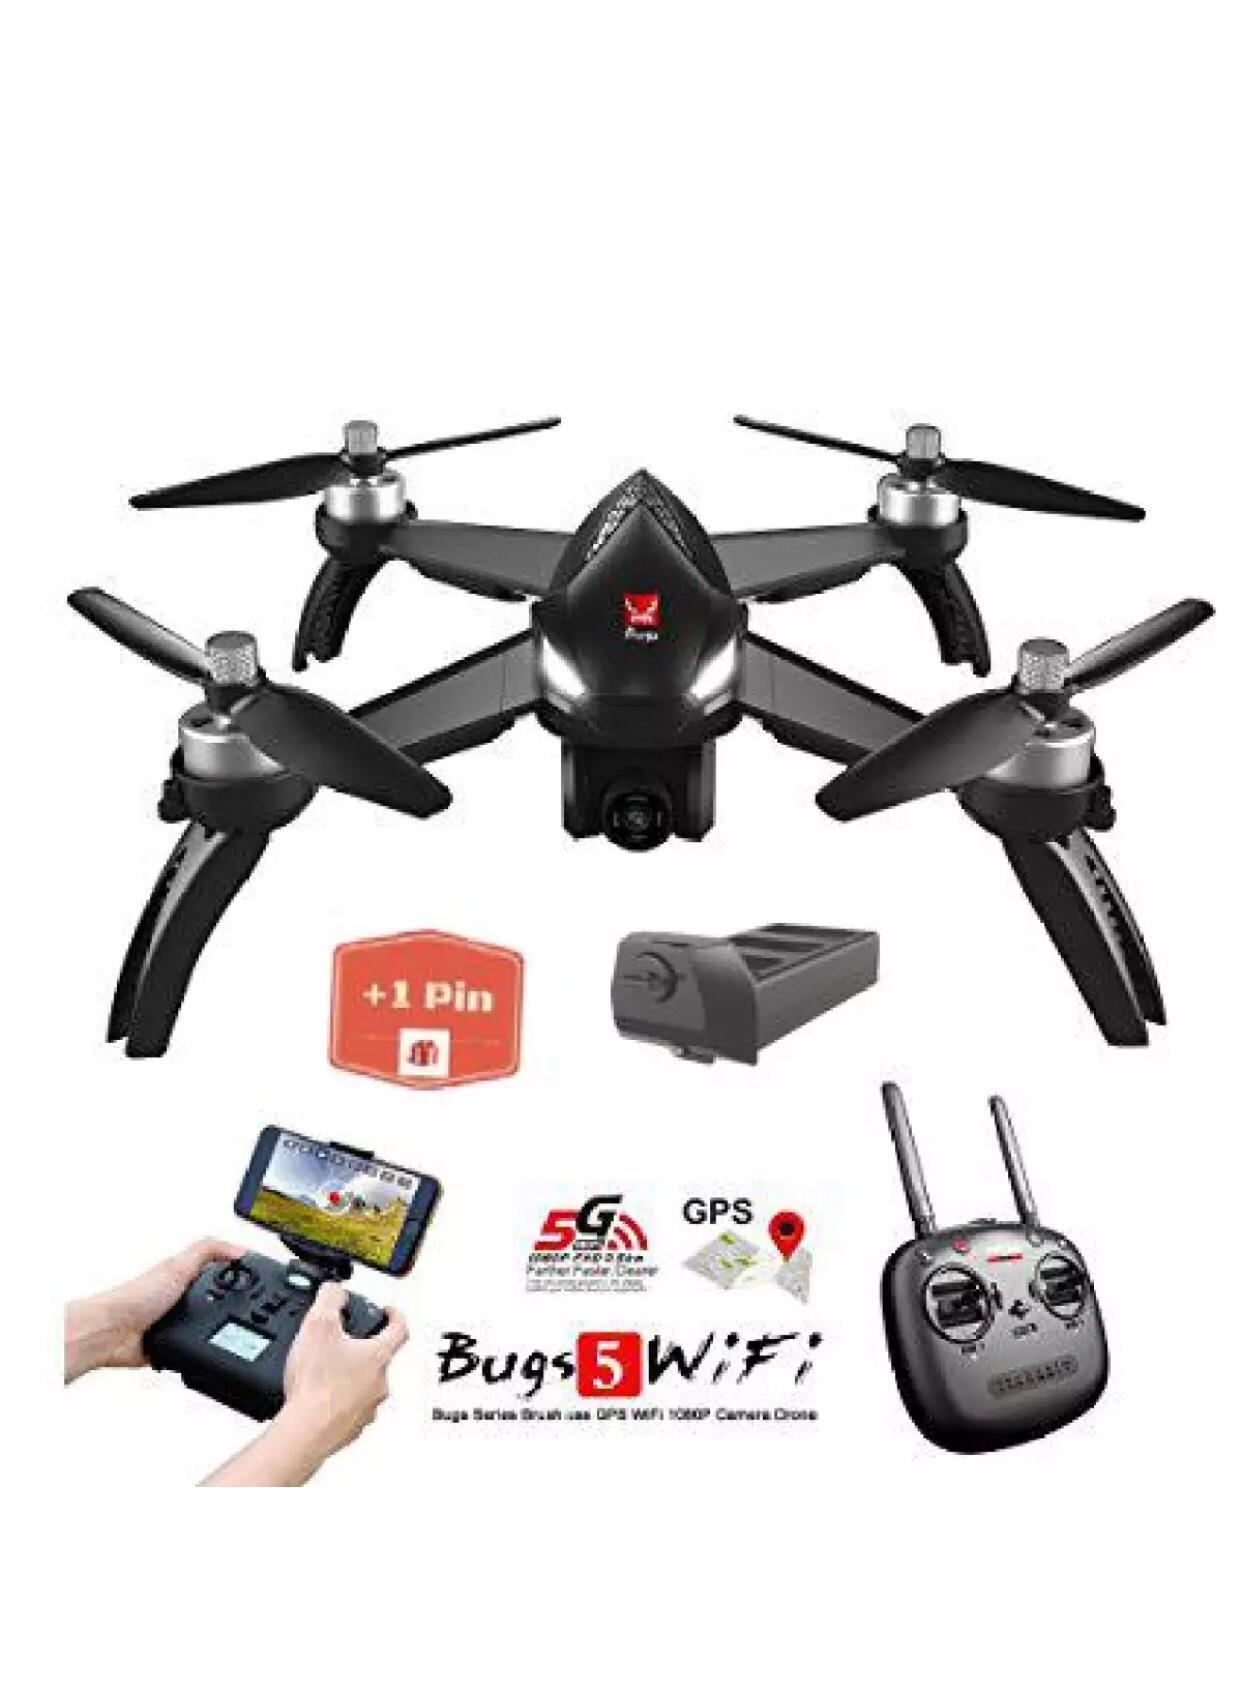 Hình ảnh ( GỒM 2 PIN ) Flycam MJX Bugs 5W - Động cơ không chổi than, GPS, Camera 8.0MP, Sóng 2.4Ghz